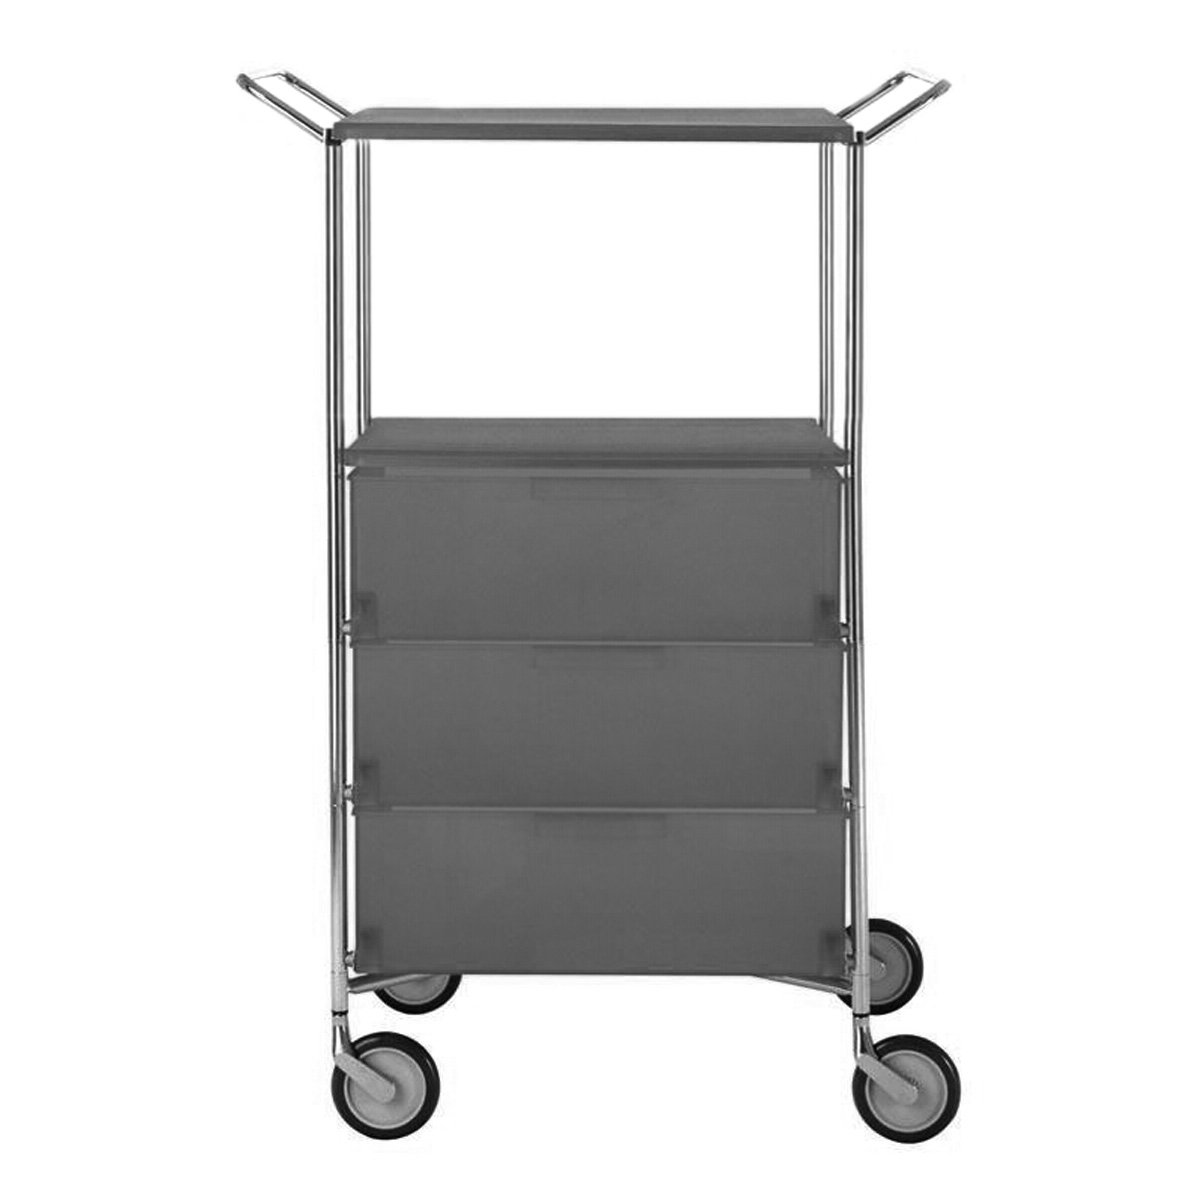 Kartell 2330L5 Container Mobil, 3 Schubladen, matt schiefergrau